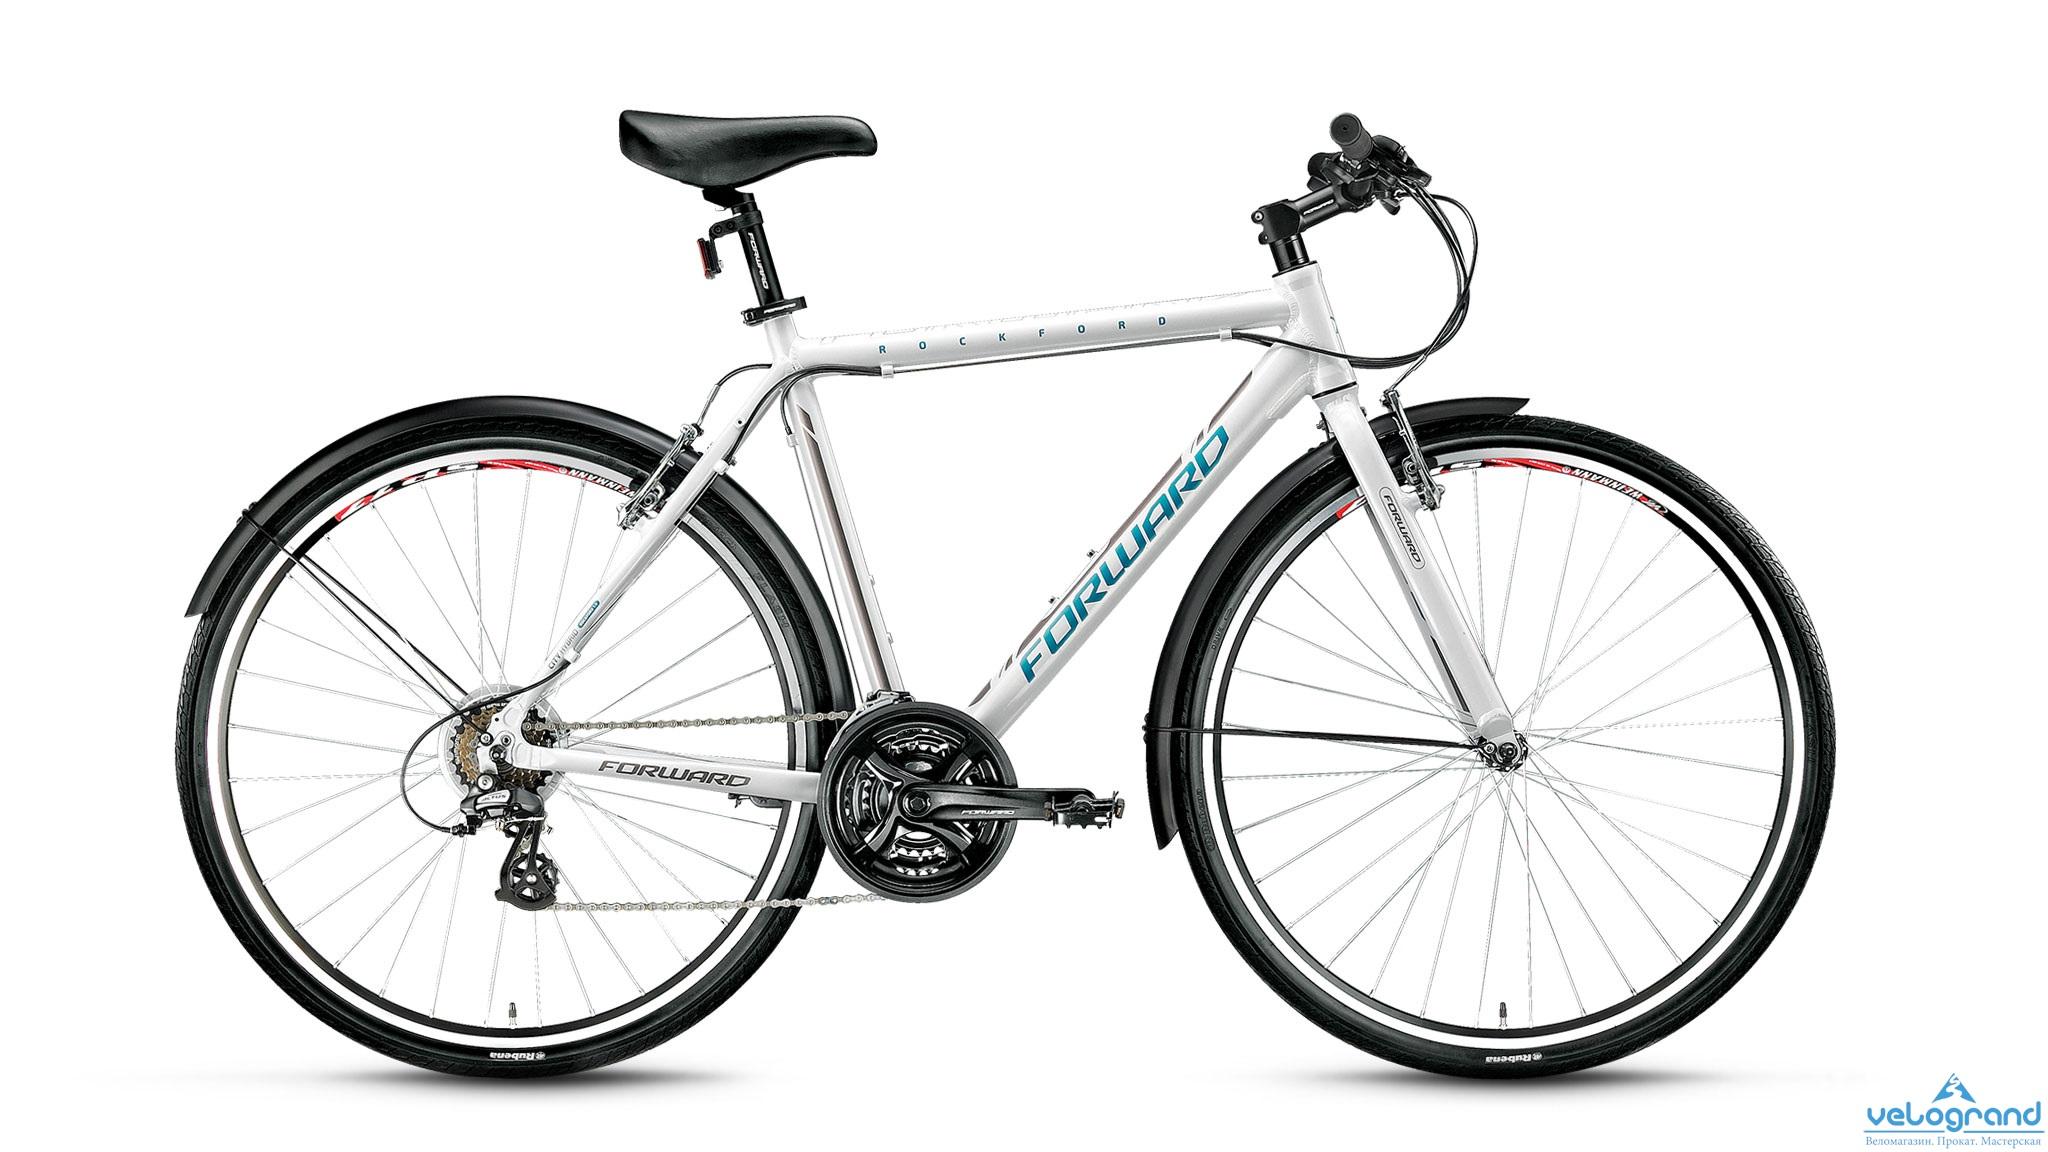 Городской велосипед Forward Rockford 1.0 (2016) от Velogrand